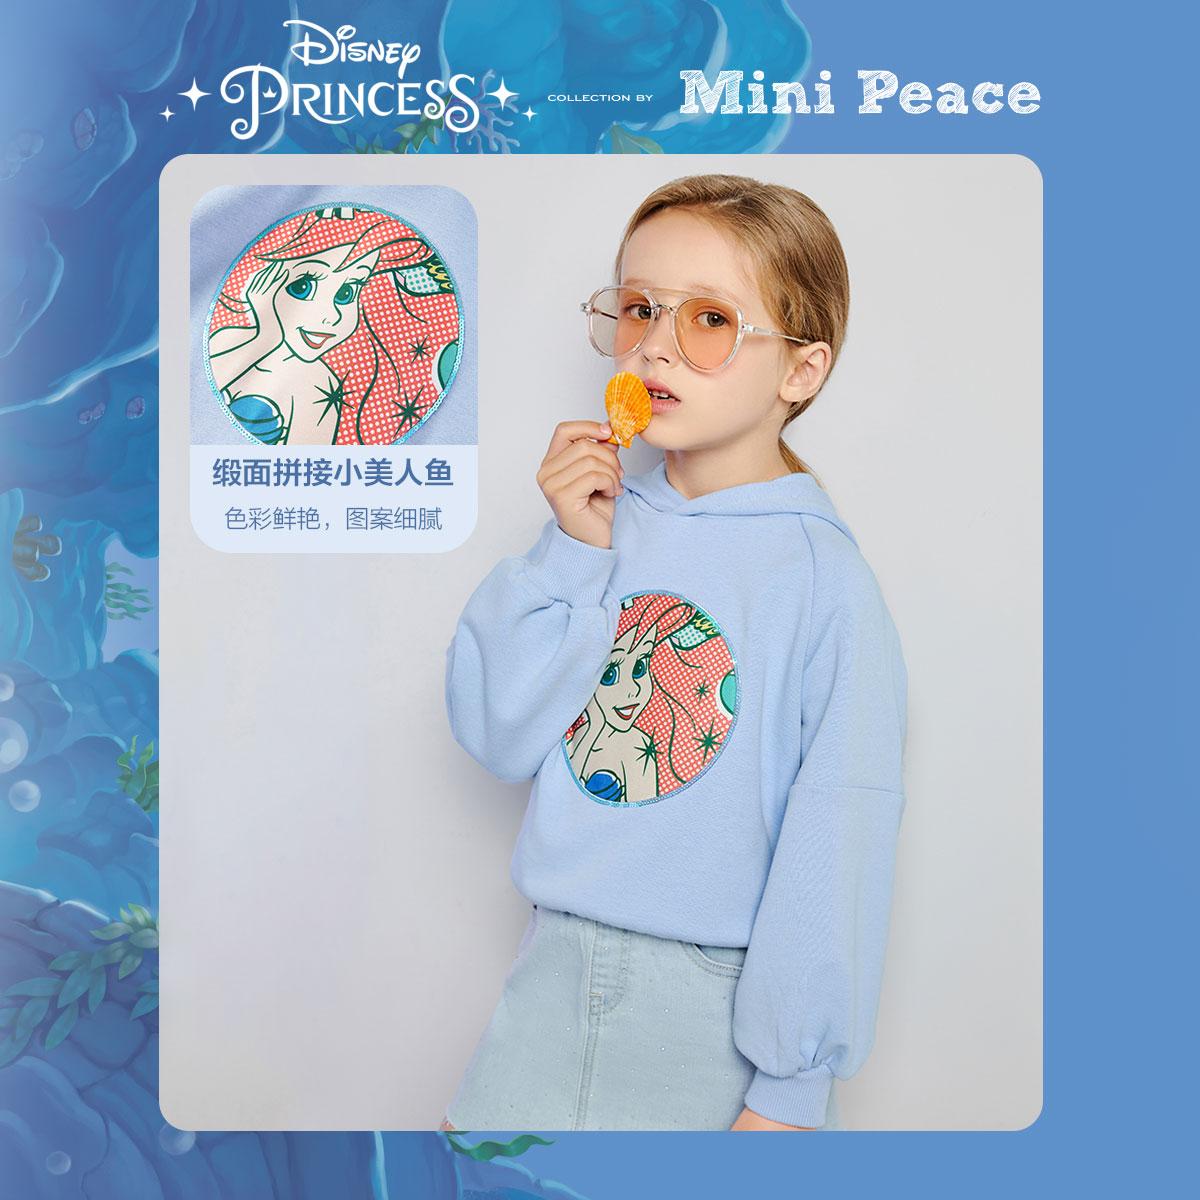 minipeace太平鸟童装女童套头连帽淡蓝色洋气卫衣美人鱼贴花设计,降价幅度41.8%